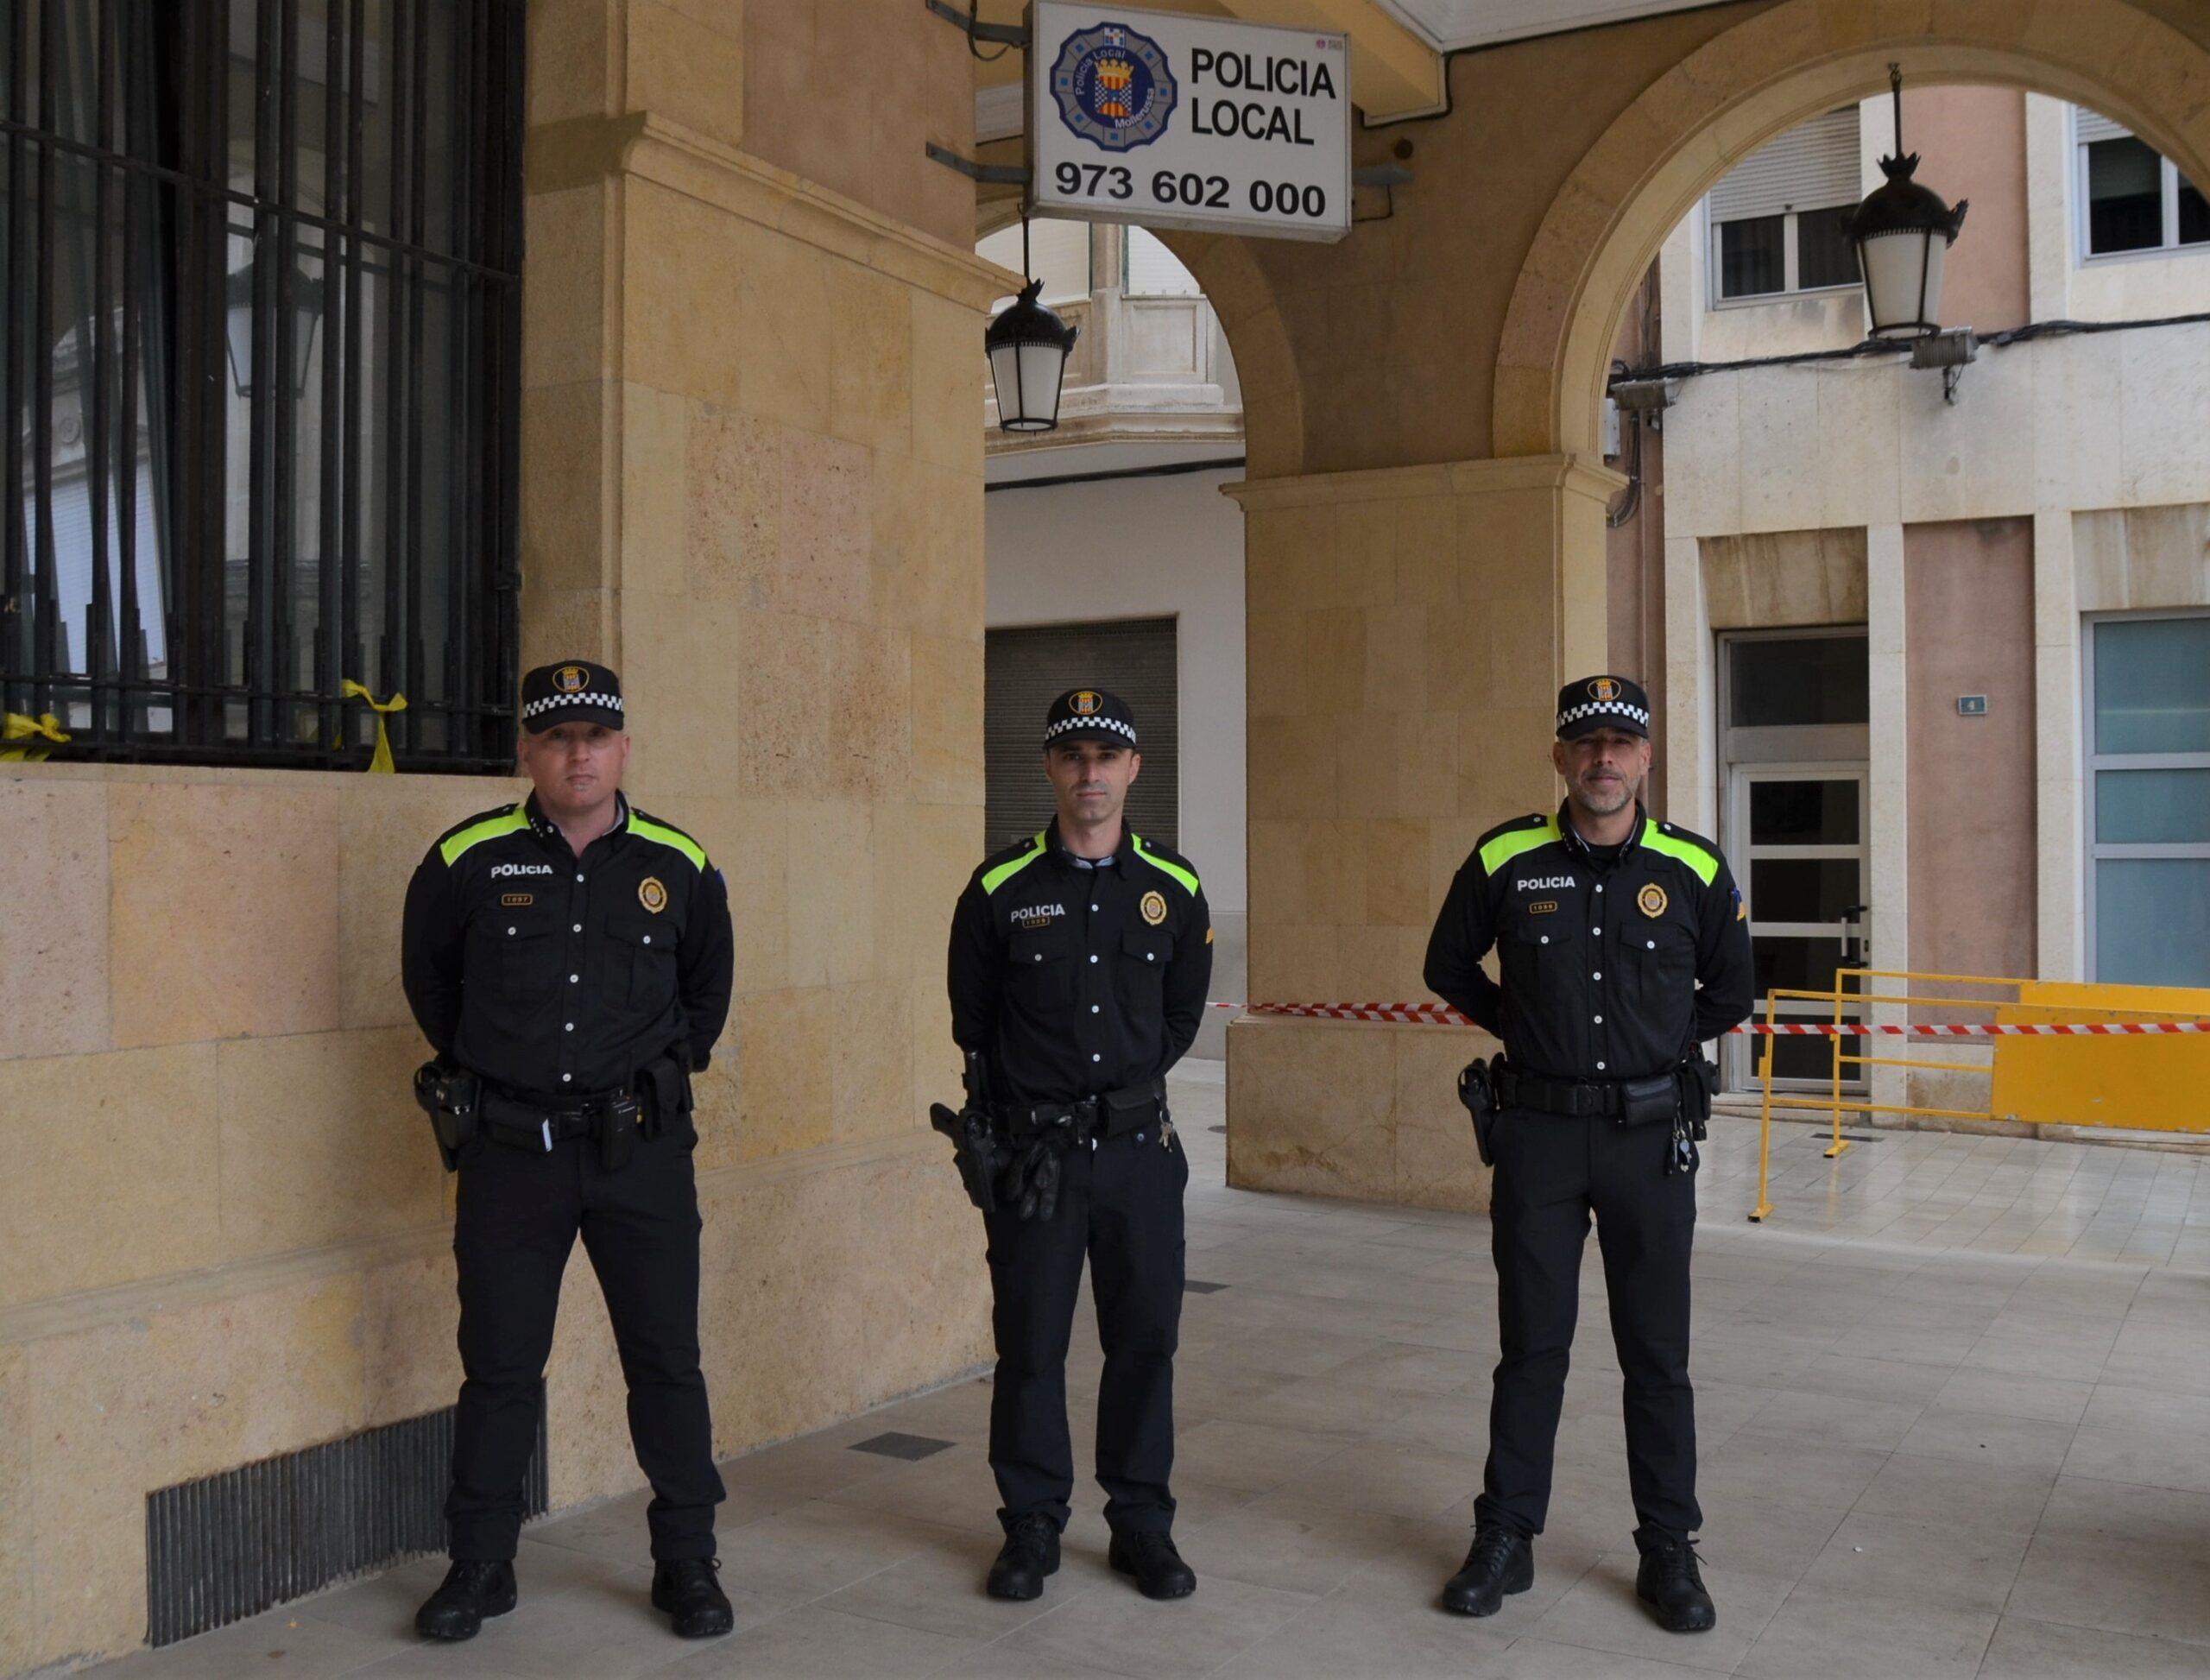 policia local 1 (1)